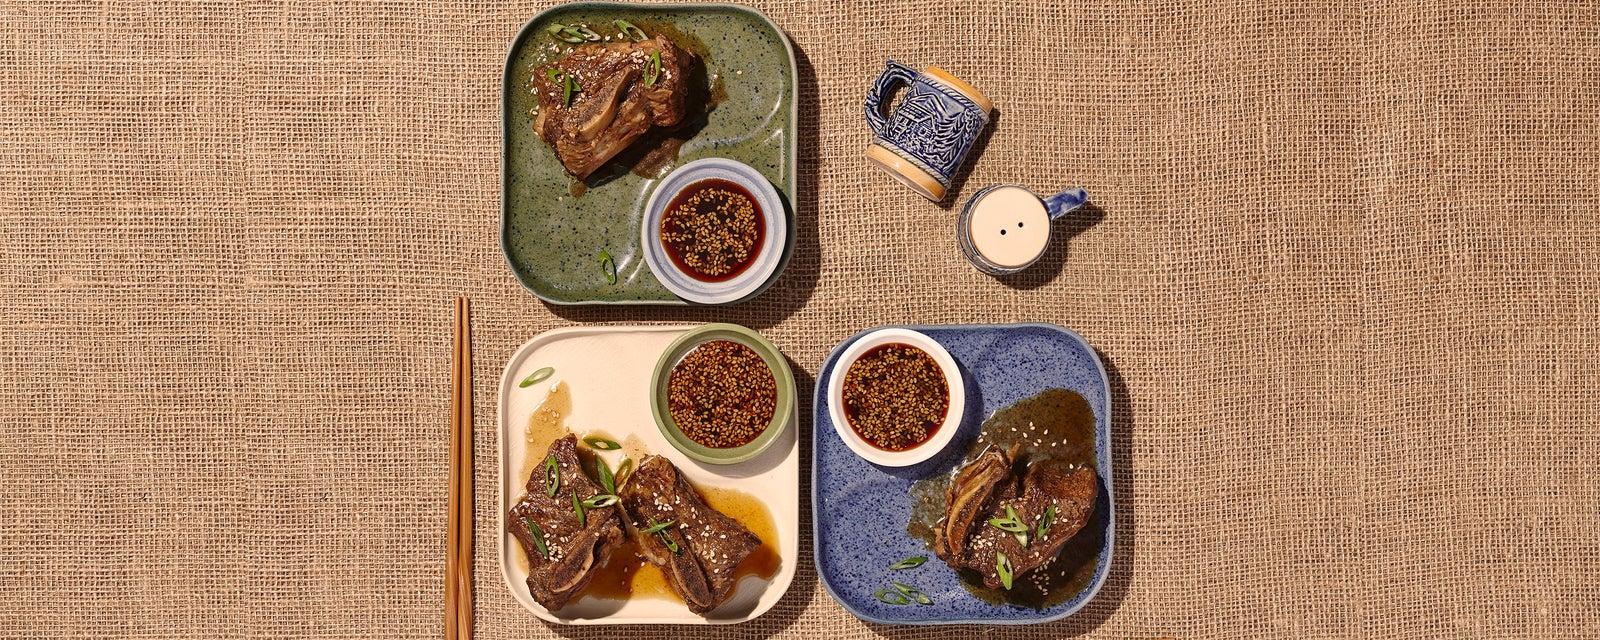 Slow Cooker Korean Braised Short Ribs